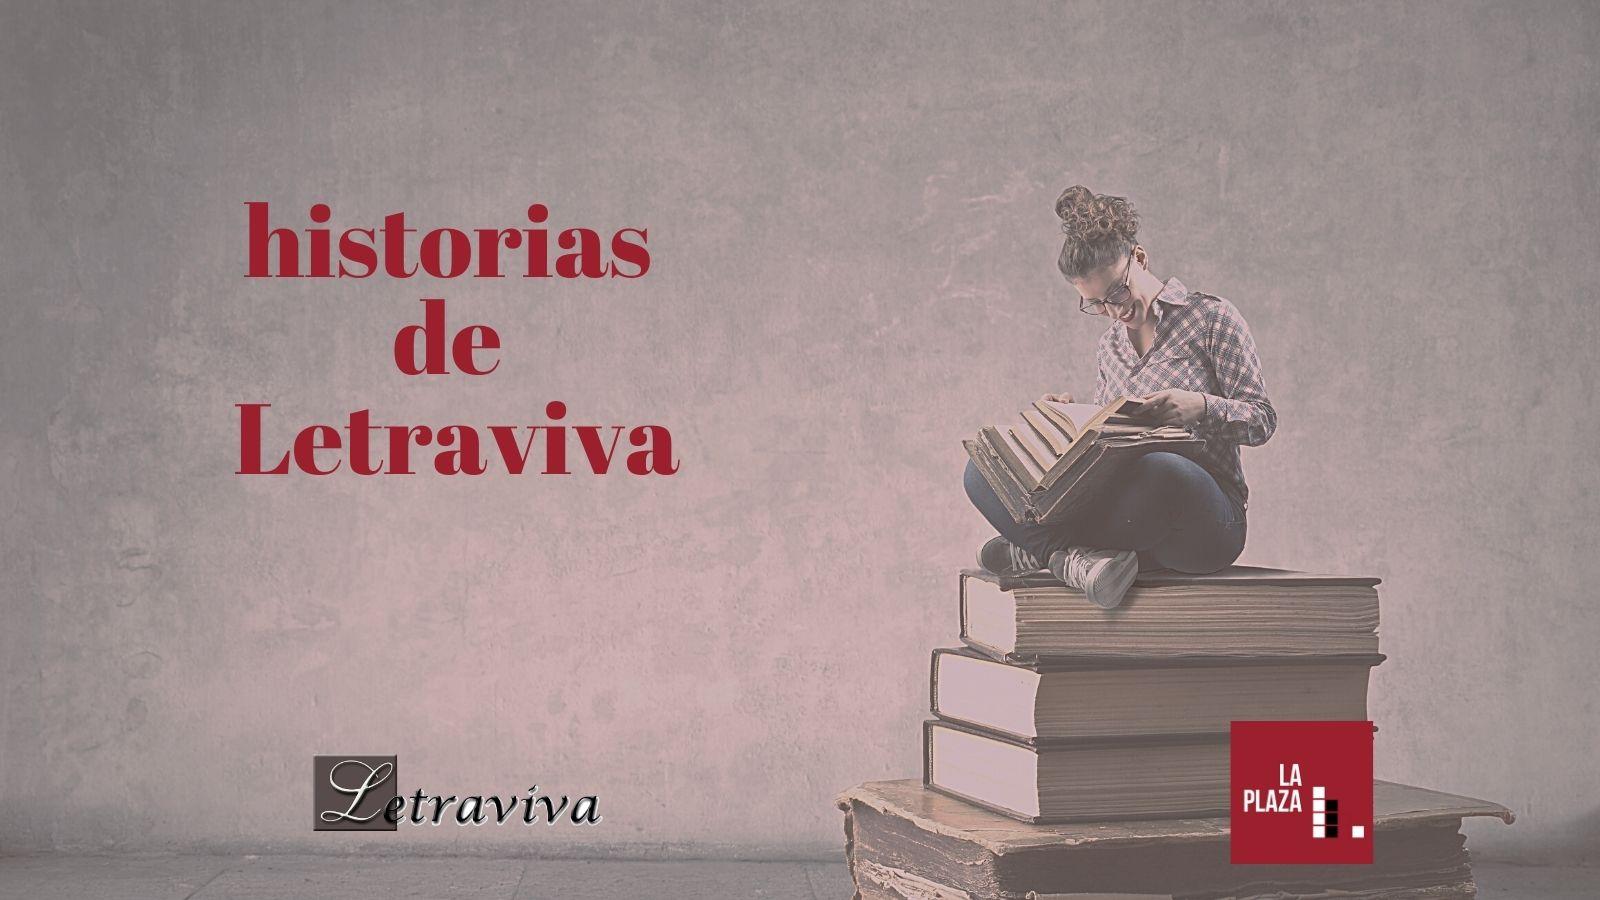 https://www.espanaaqui.com.br/pdf/fevereiro%202021/priorit%c3%a1rios%20definitivo.%20%20historias%20de%20letraviva.jpg